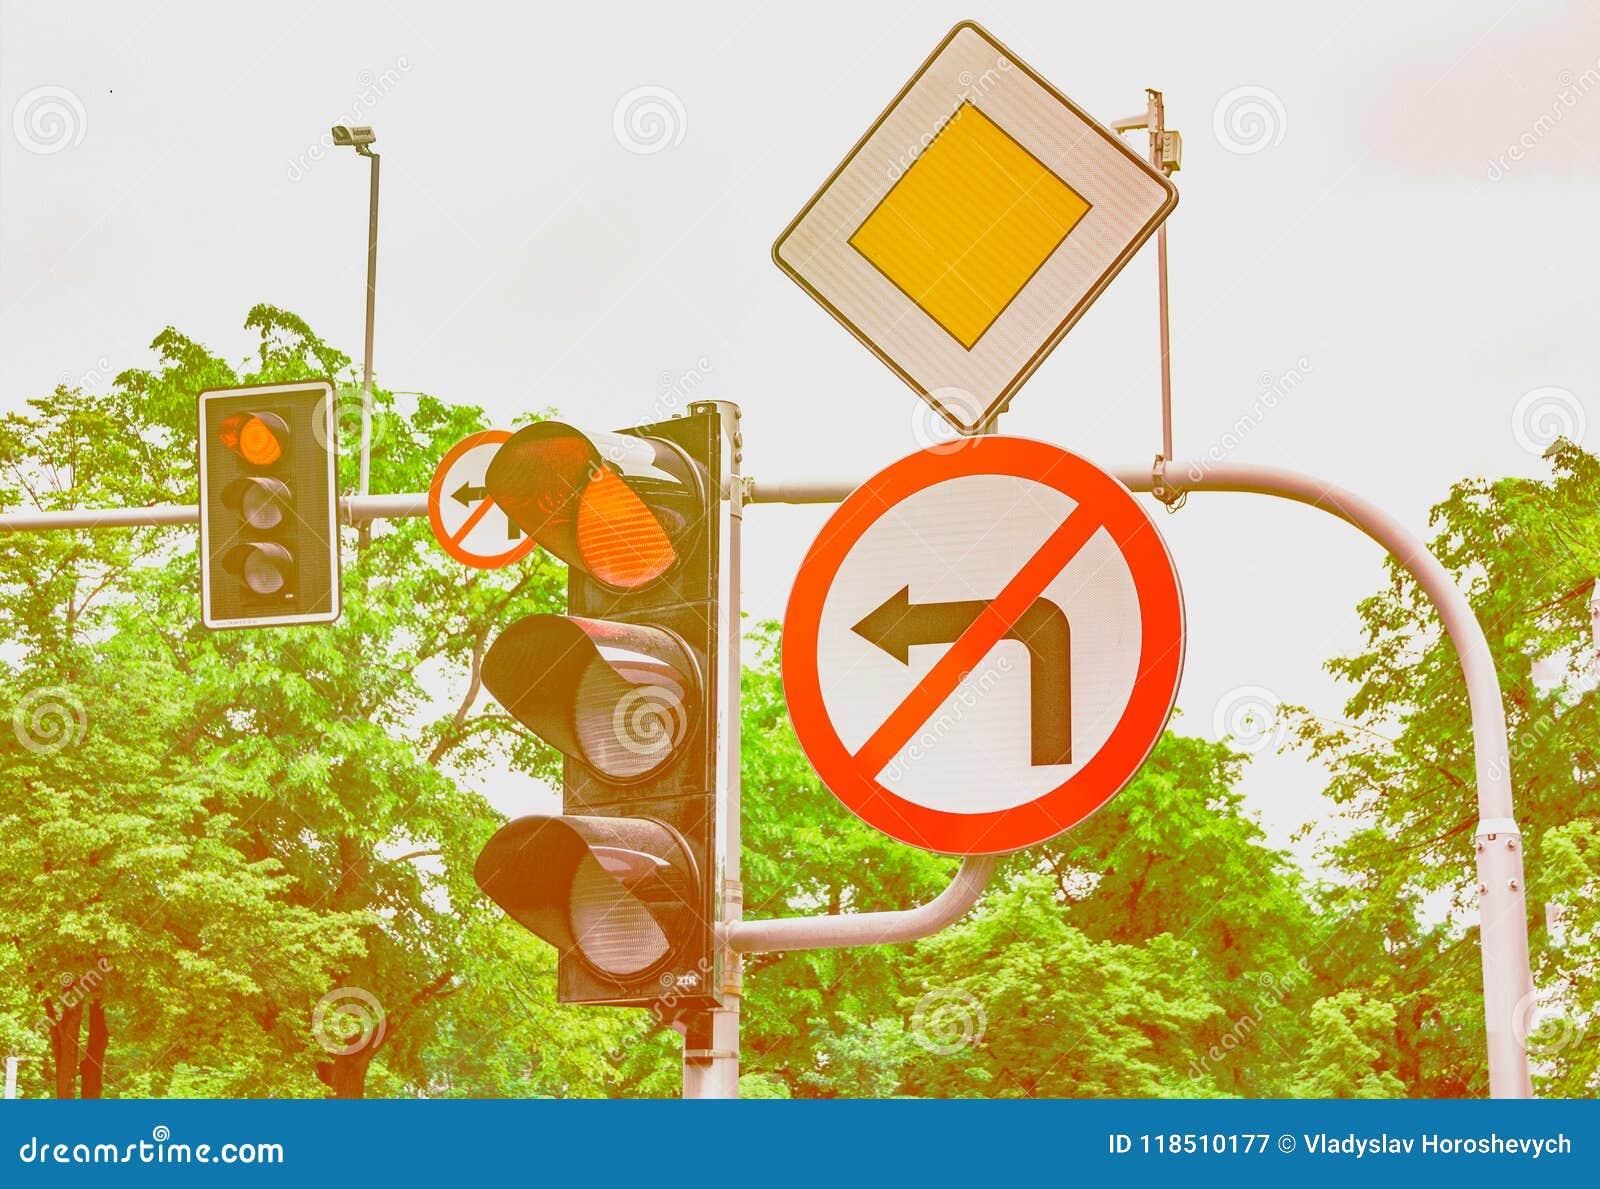 I segnali stradali, il semaforo è rossi, il giro a sinistra è vietato